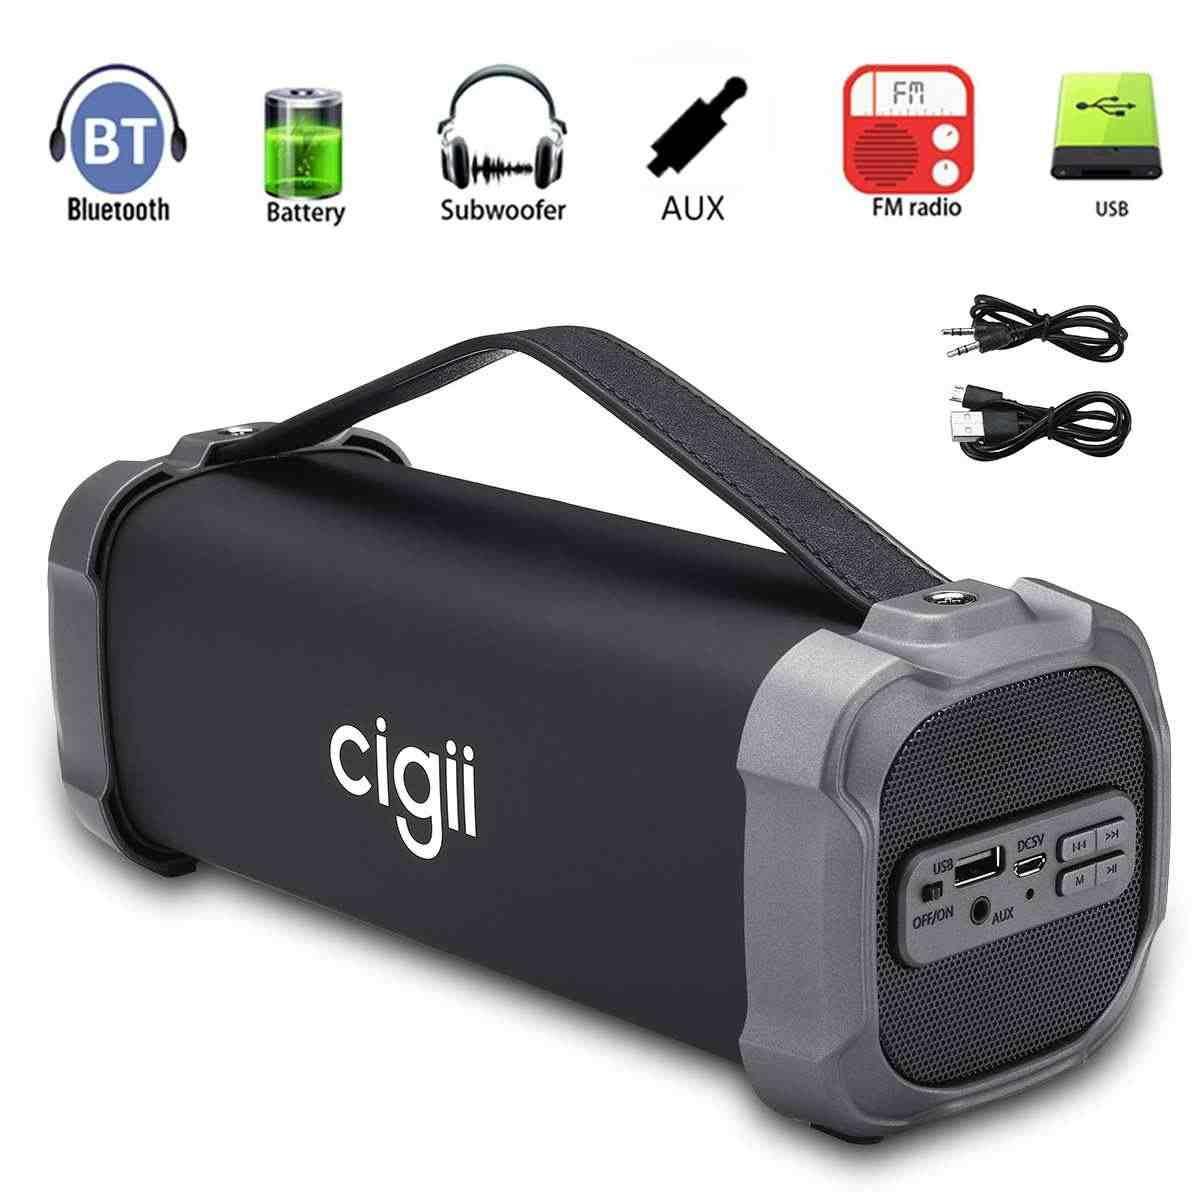 Портативная Bluetooth колонка Cigii F52, беспроводная колонка